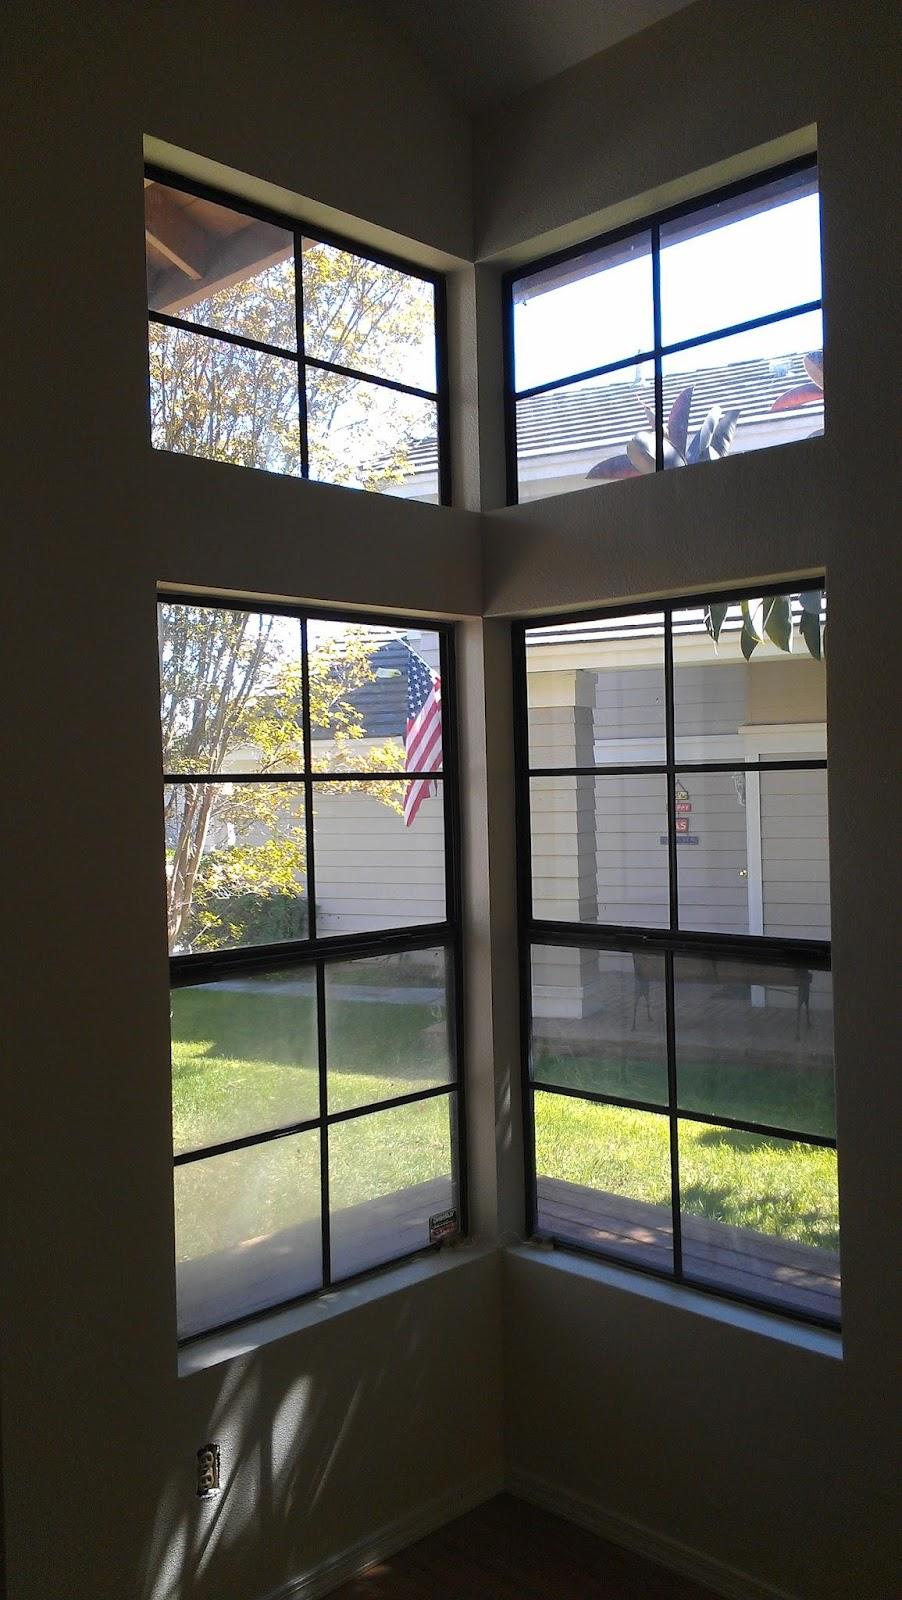 Vita a san diego 1016 le finestre - Si espongono alle finestre ...